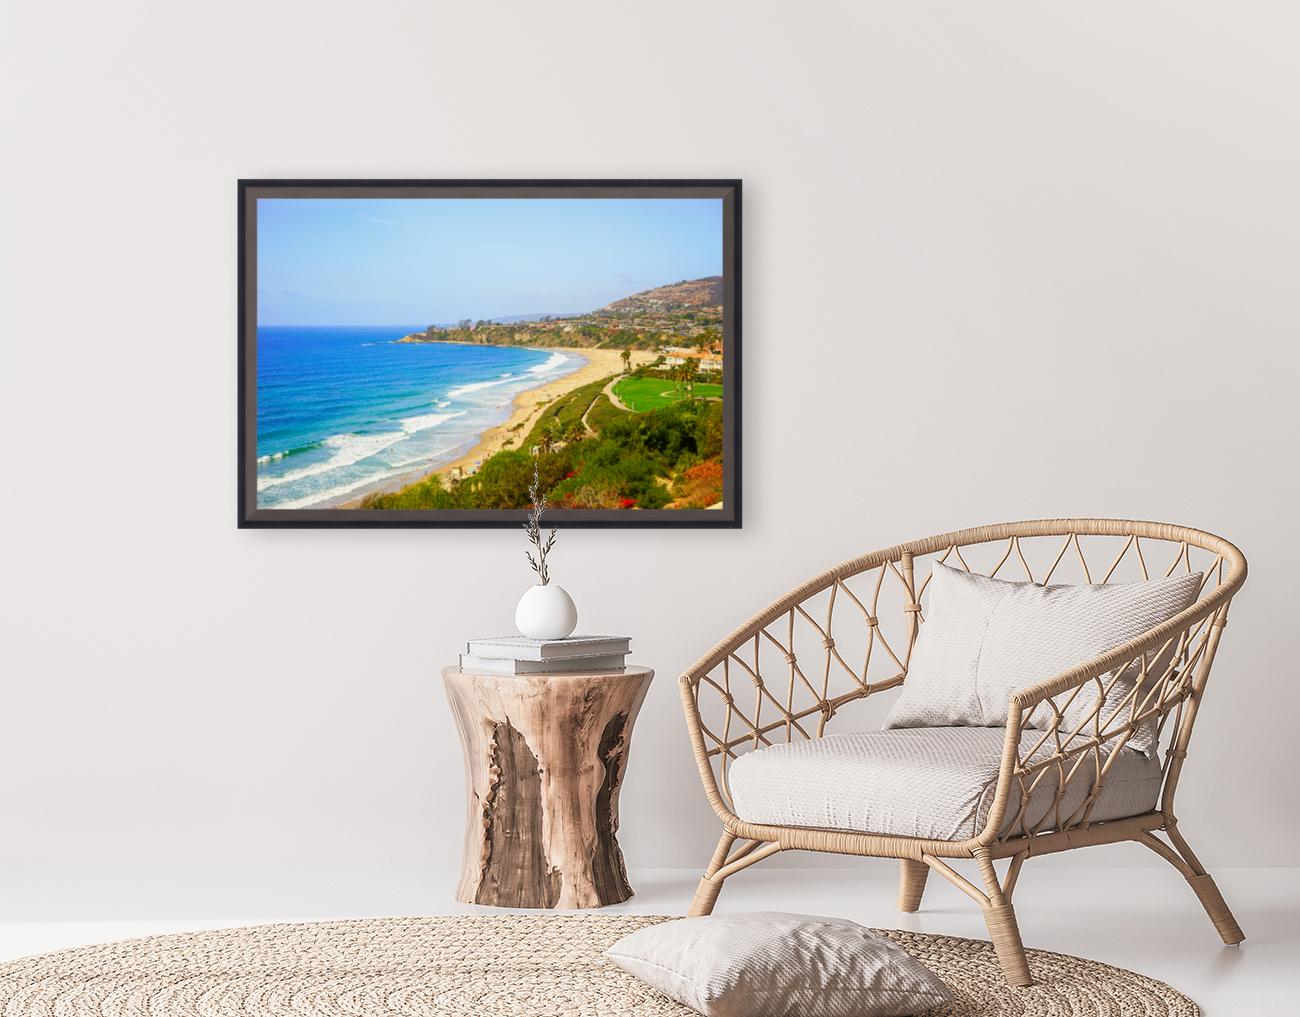 Beautiful Coastal View Newport Beach California 1 of 2  Art